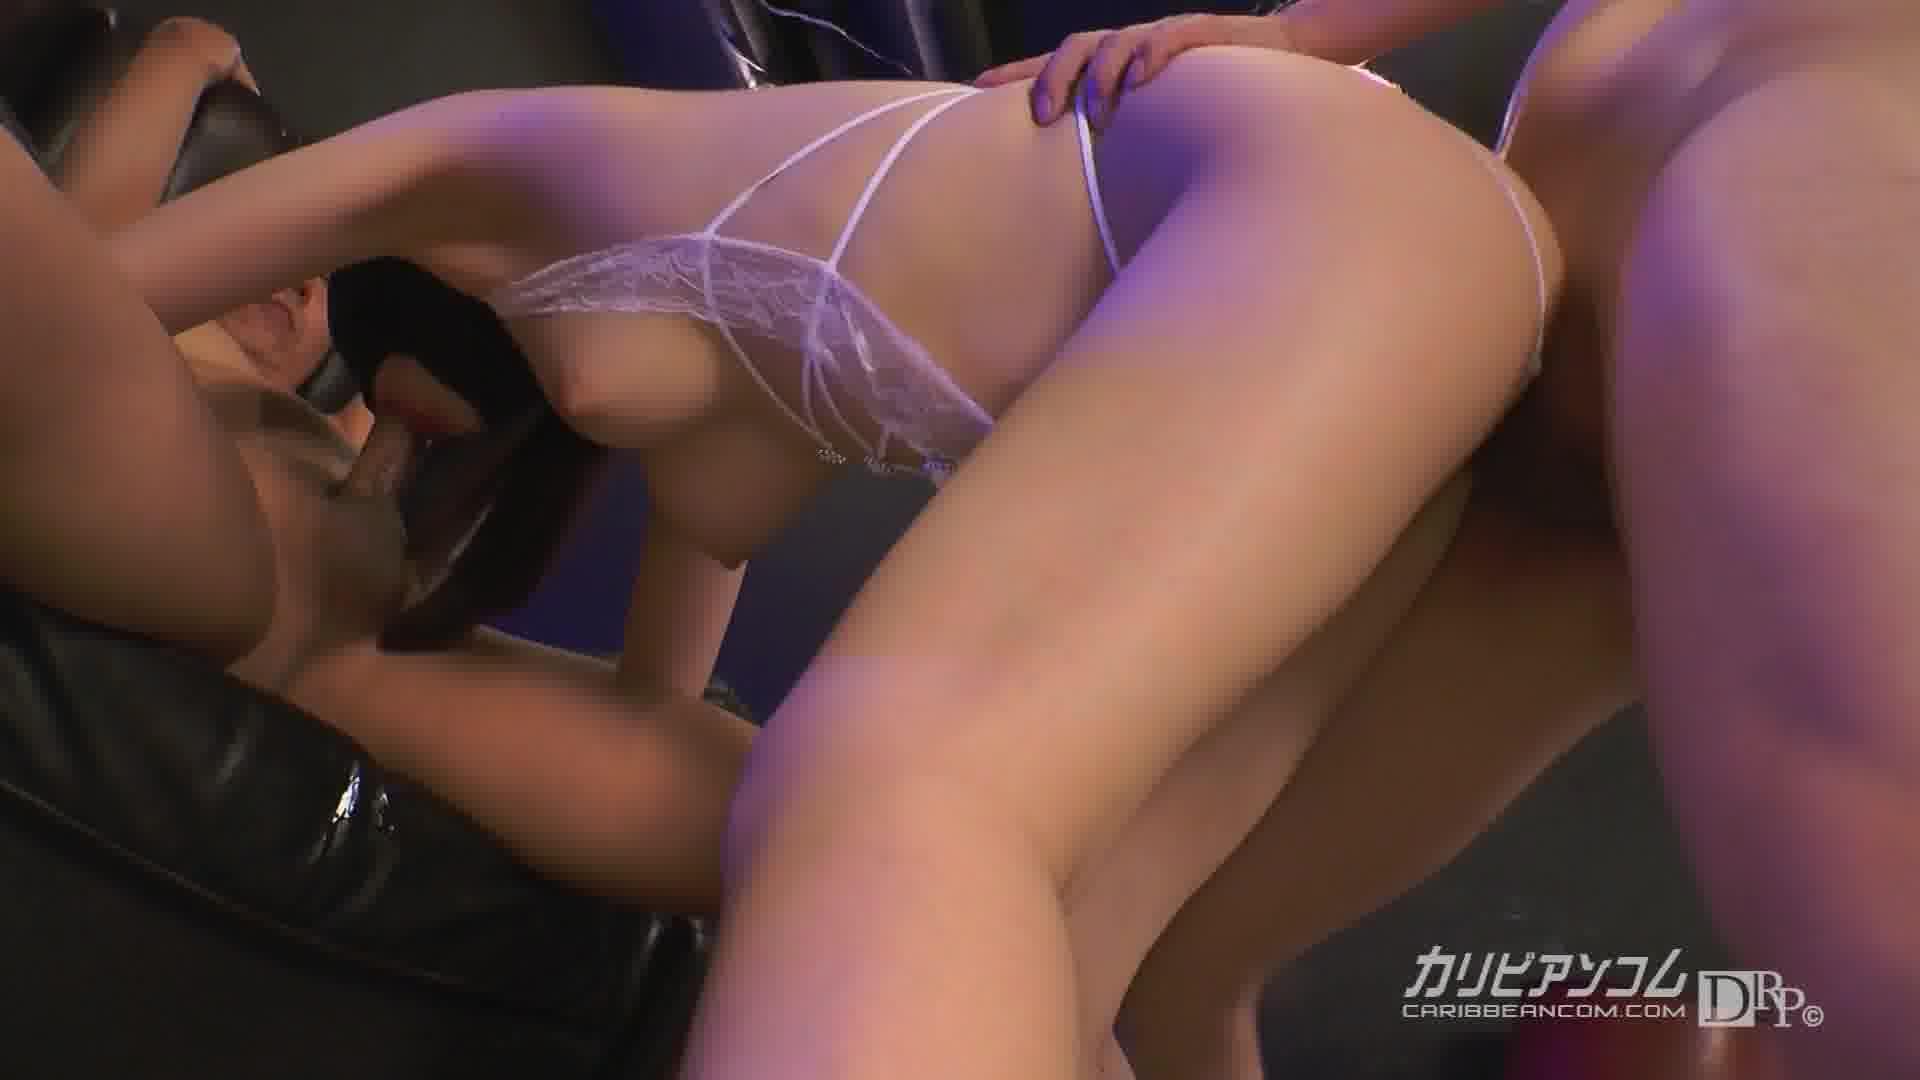 性欲処理マゾマスク ~顔出しNGなのに~ - 性欲処理マゾマスク 02号【潮吹き・巨乳・ボンテージ】